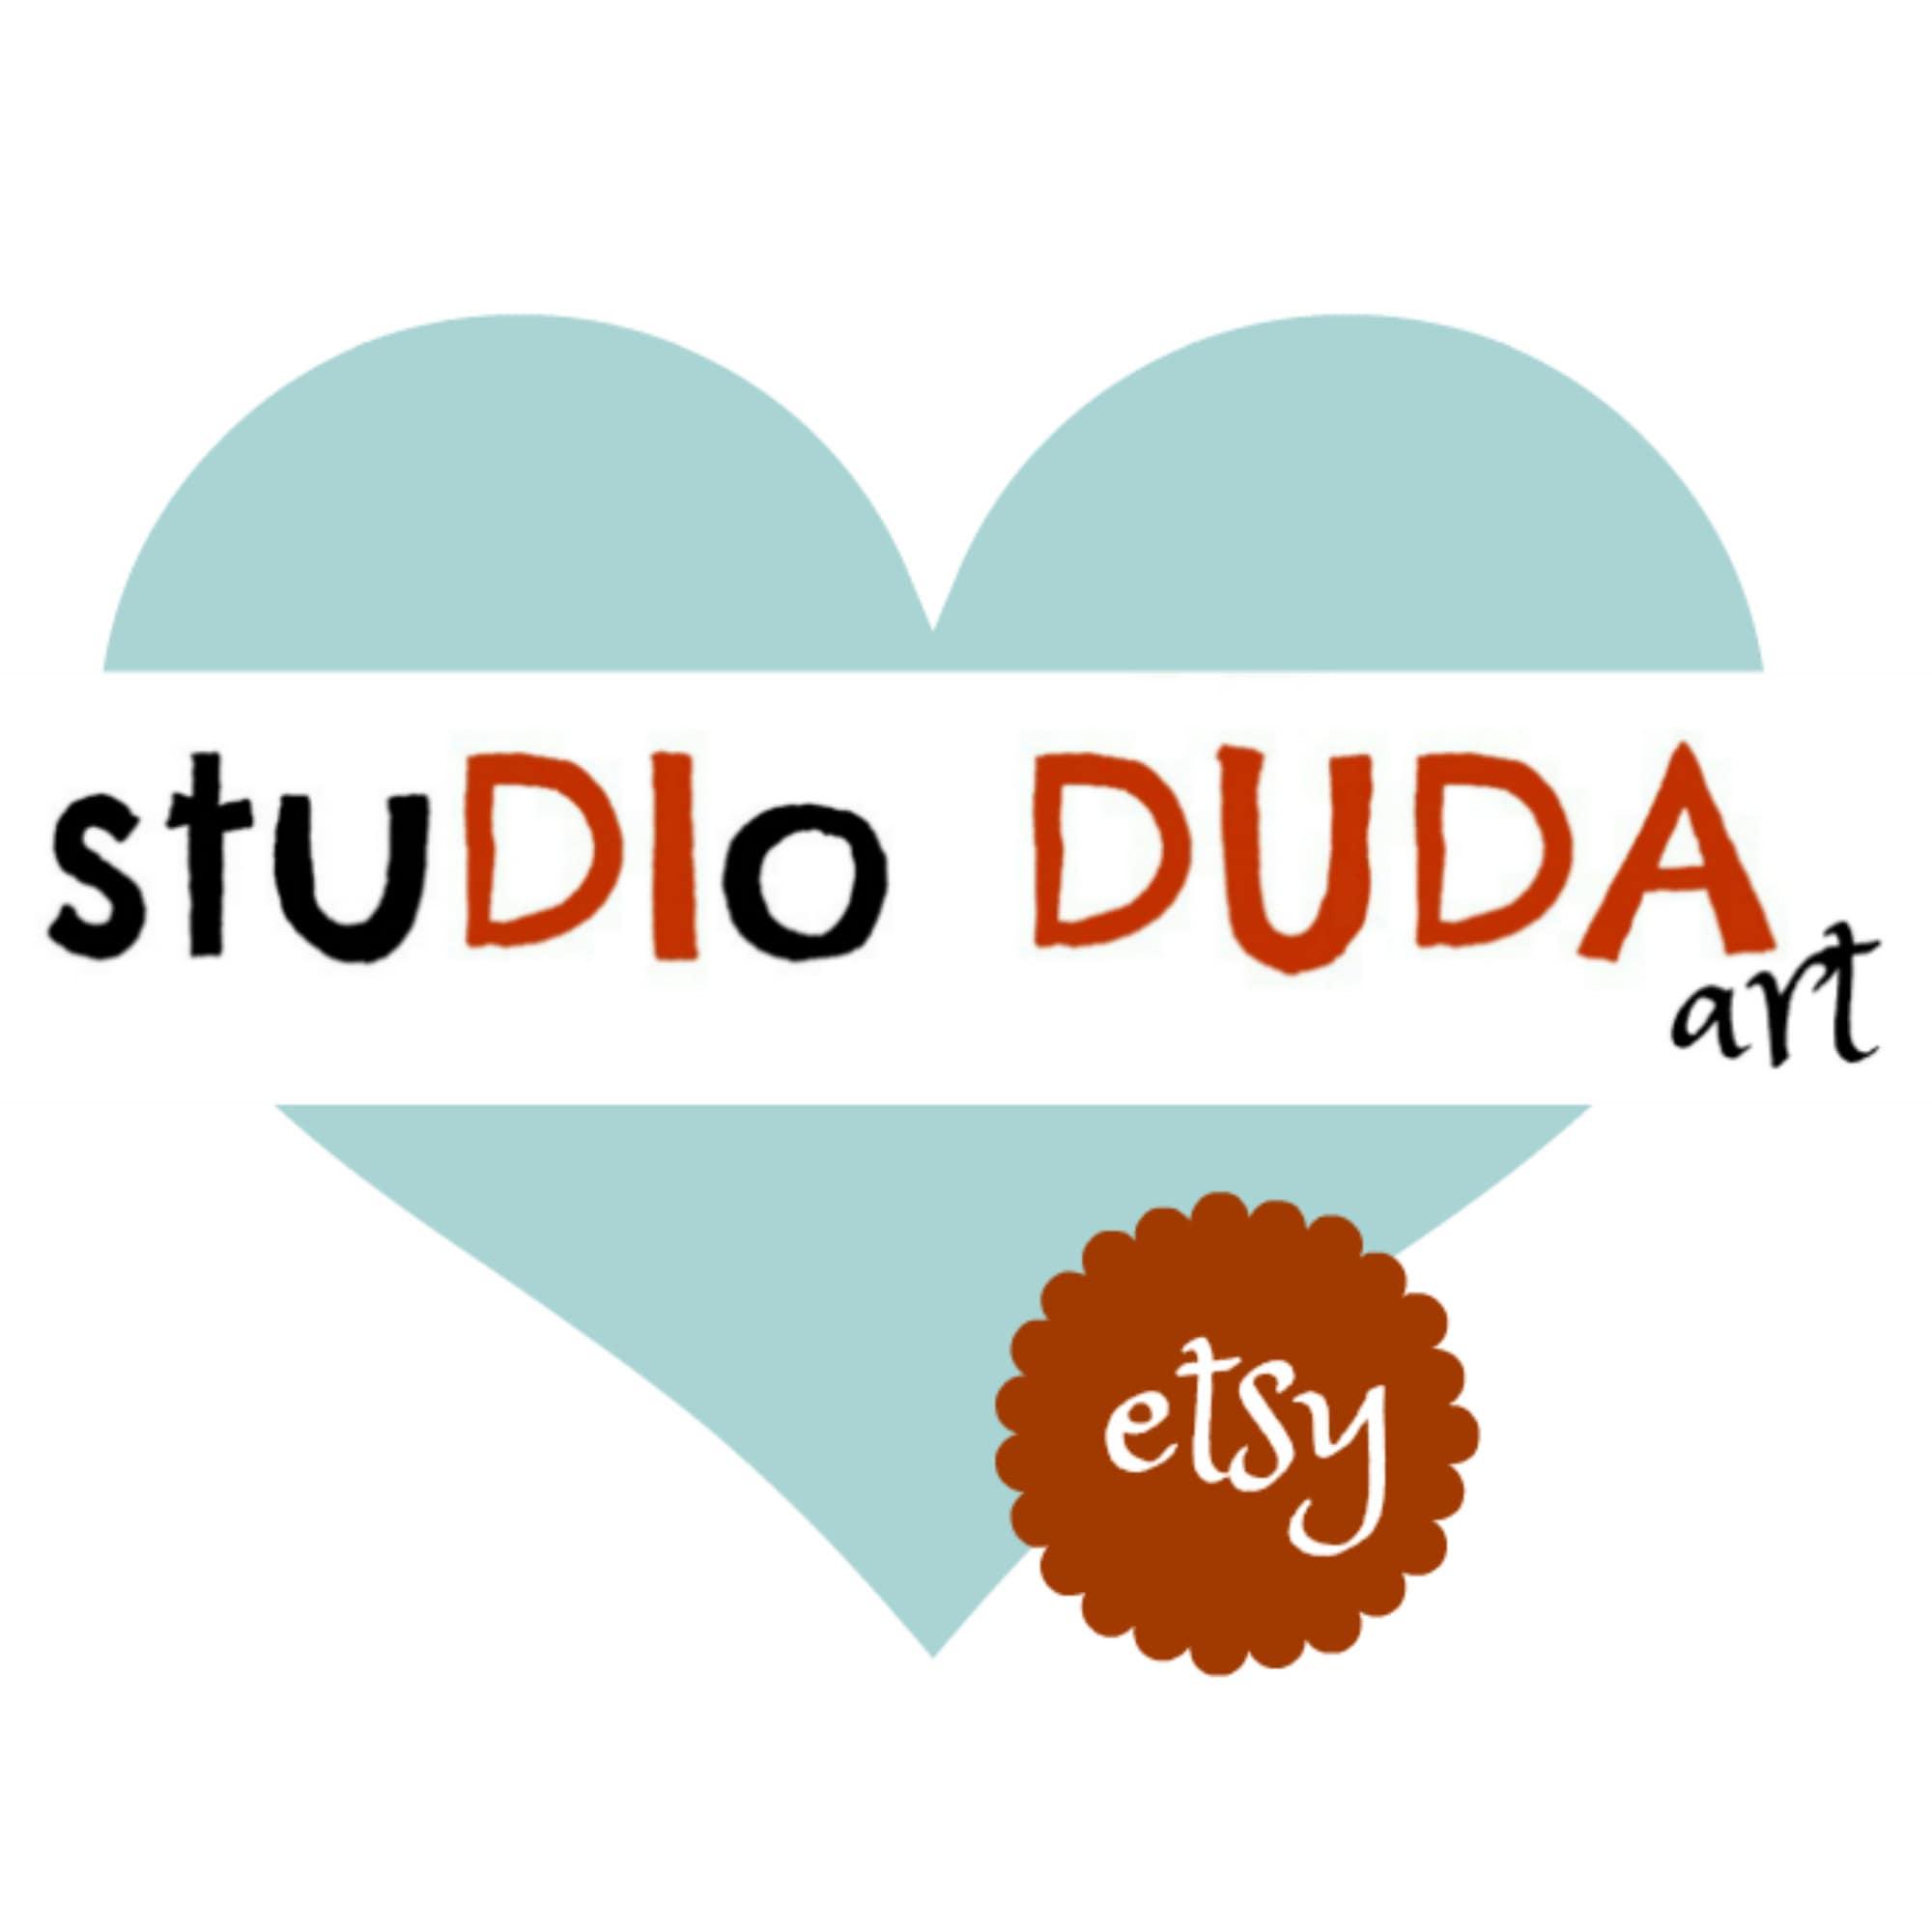 StudioDudaArt